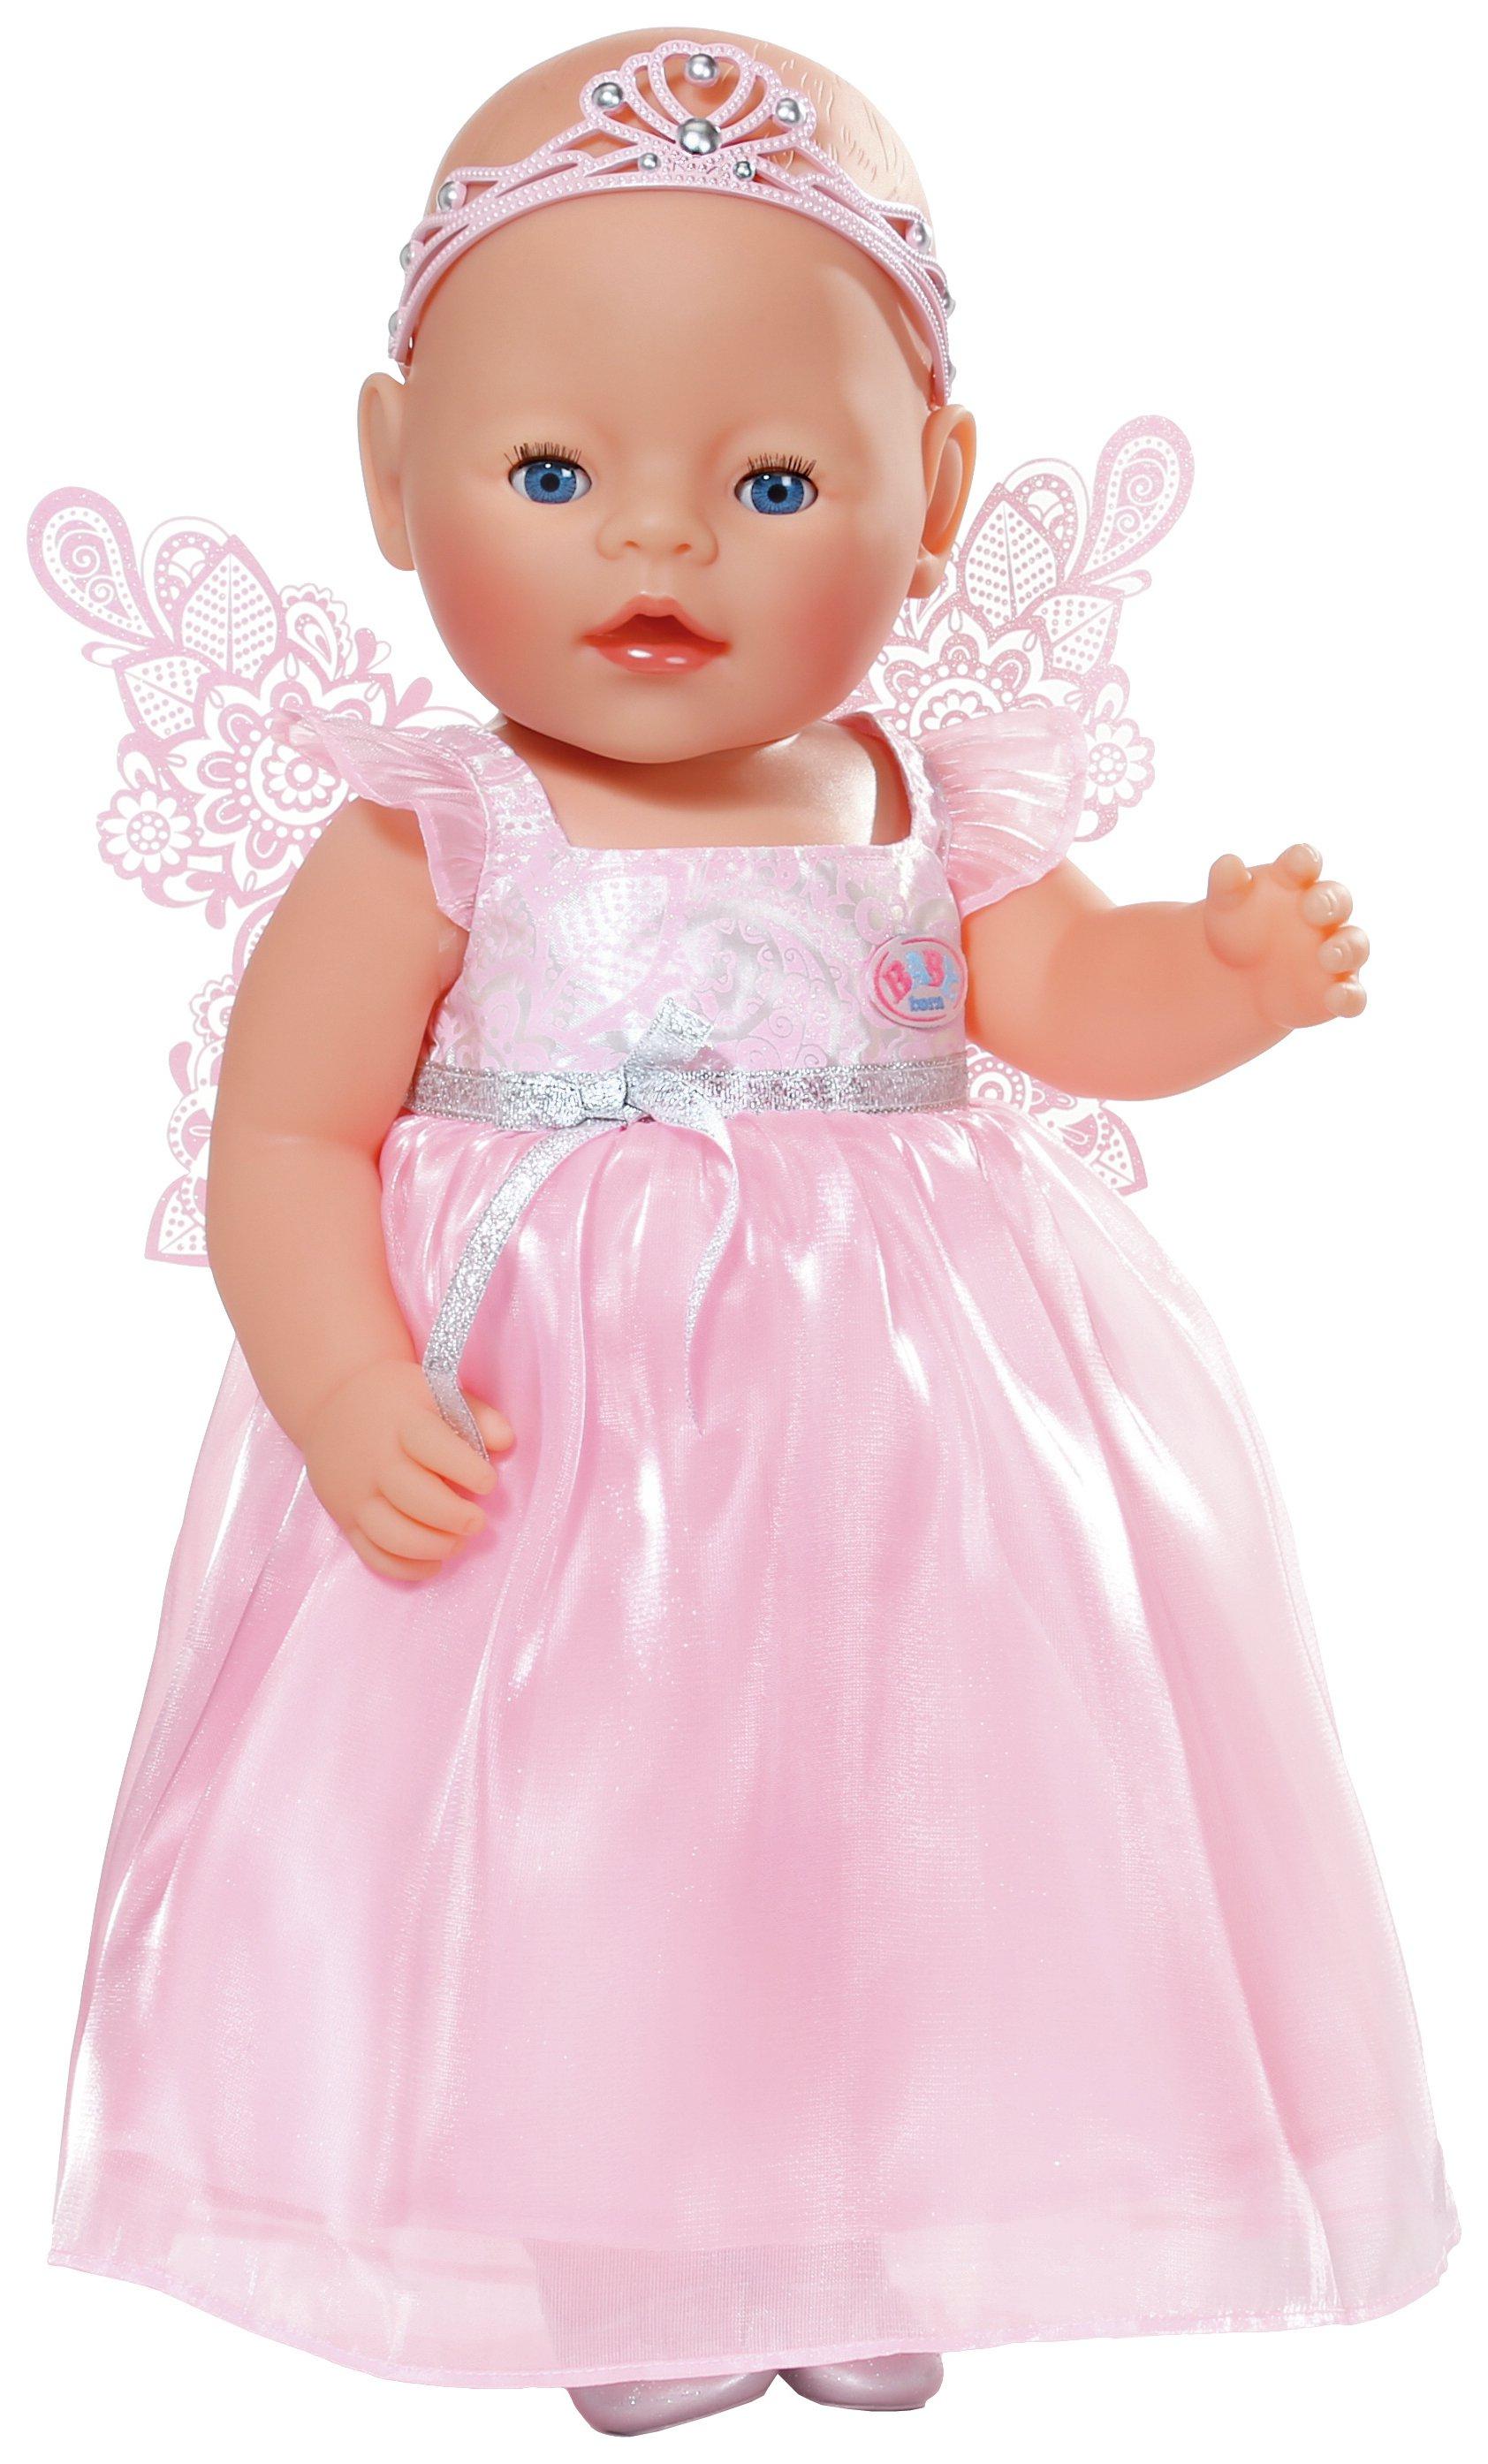 Collectible Baby Dolls from The Ashton-Drake housraeg.gq: Baby Dolls, Child Dolls, Portrait Dolls, Monkey Dolls.